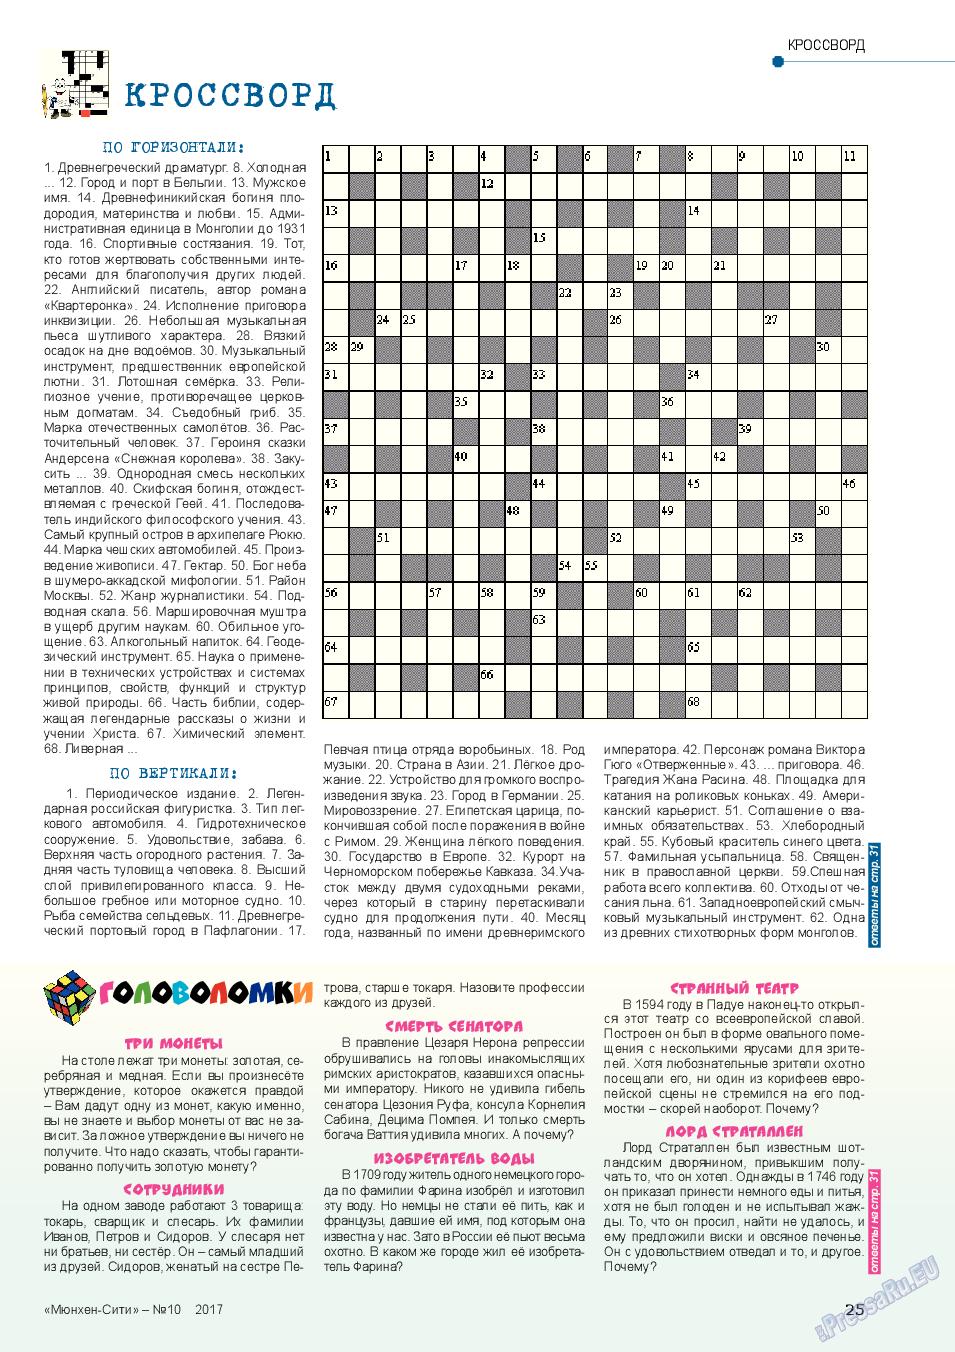 Мюнхен-сити (журнал). 2017 год, номер 10, стр. 25